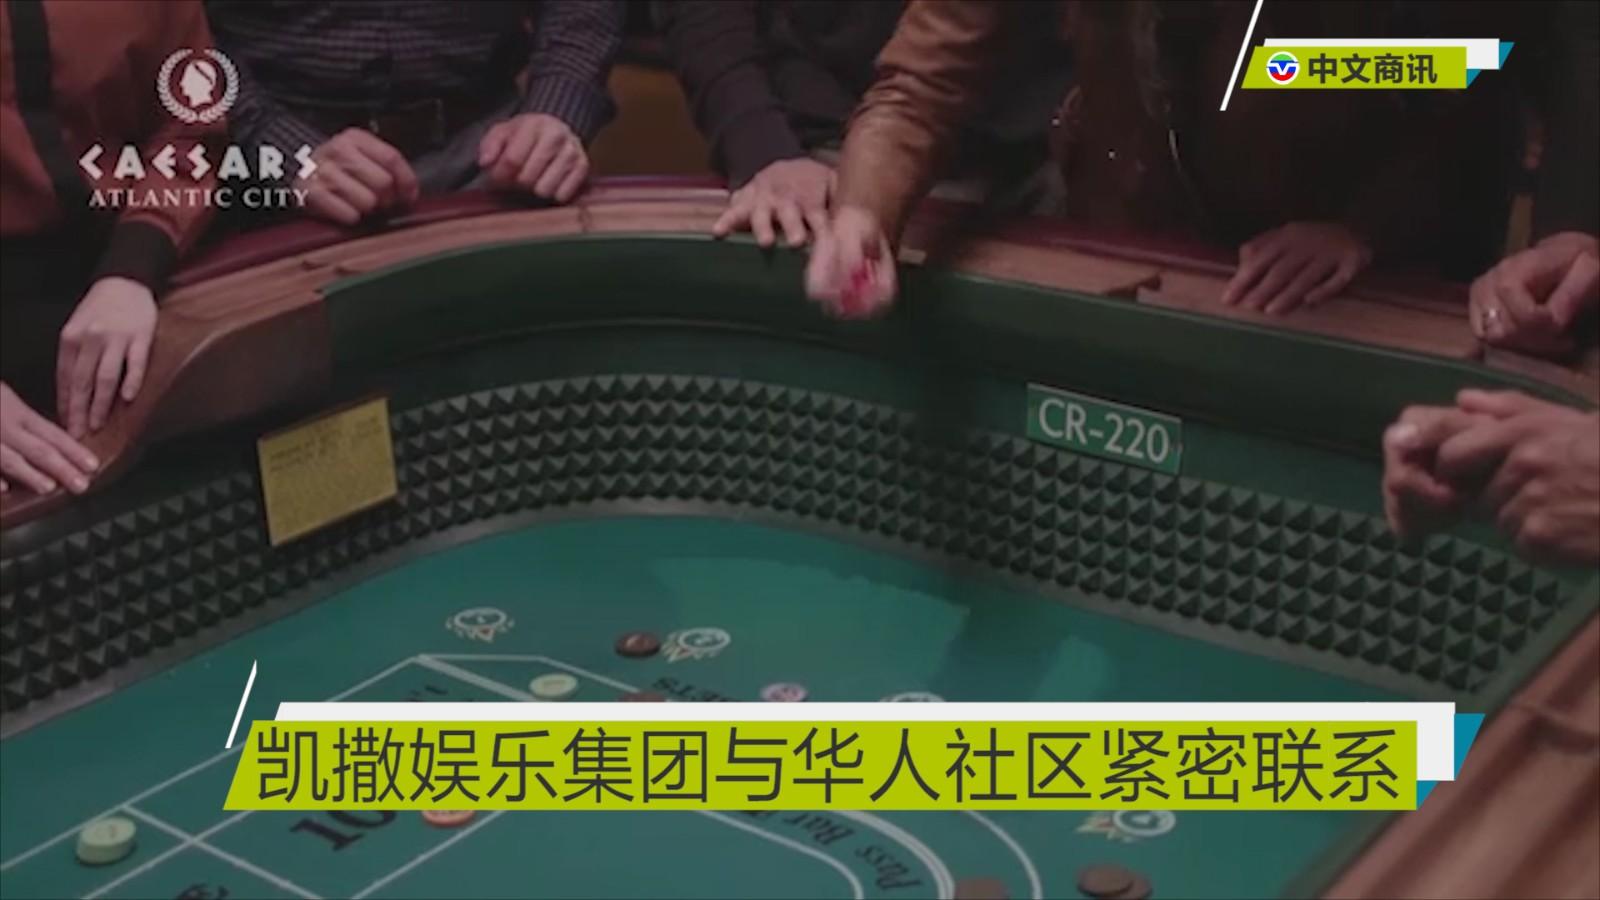 【视频】大西洋城凯撒娱乐集团与华人社区紧密联系